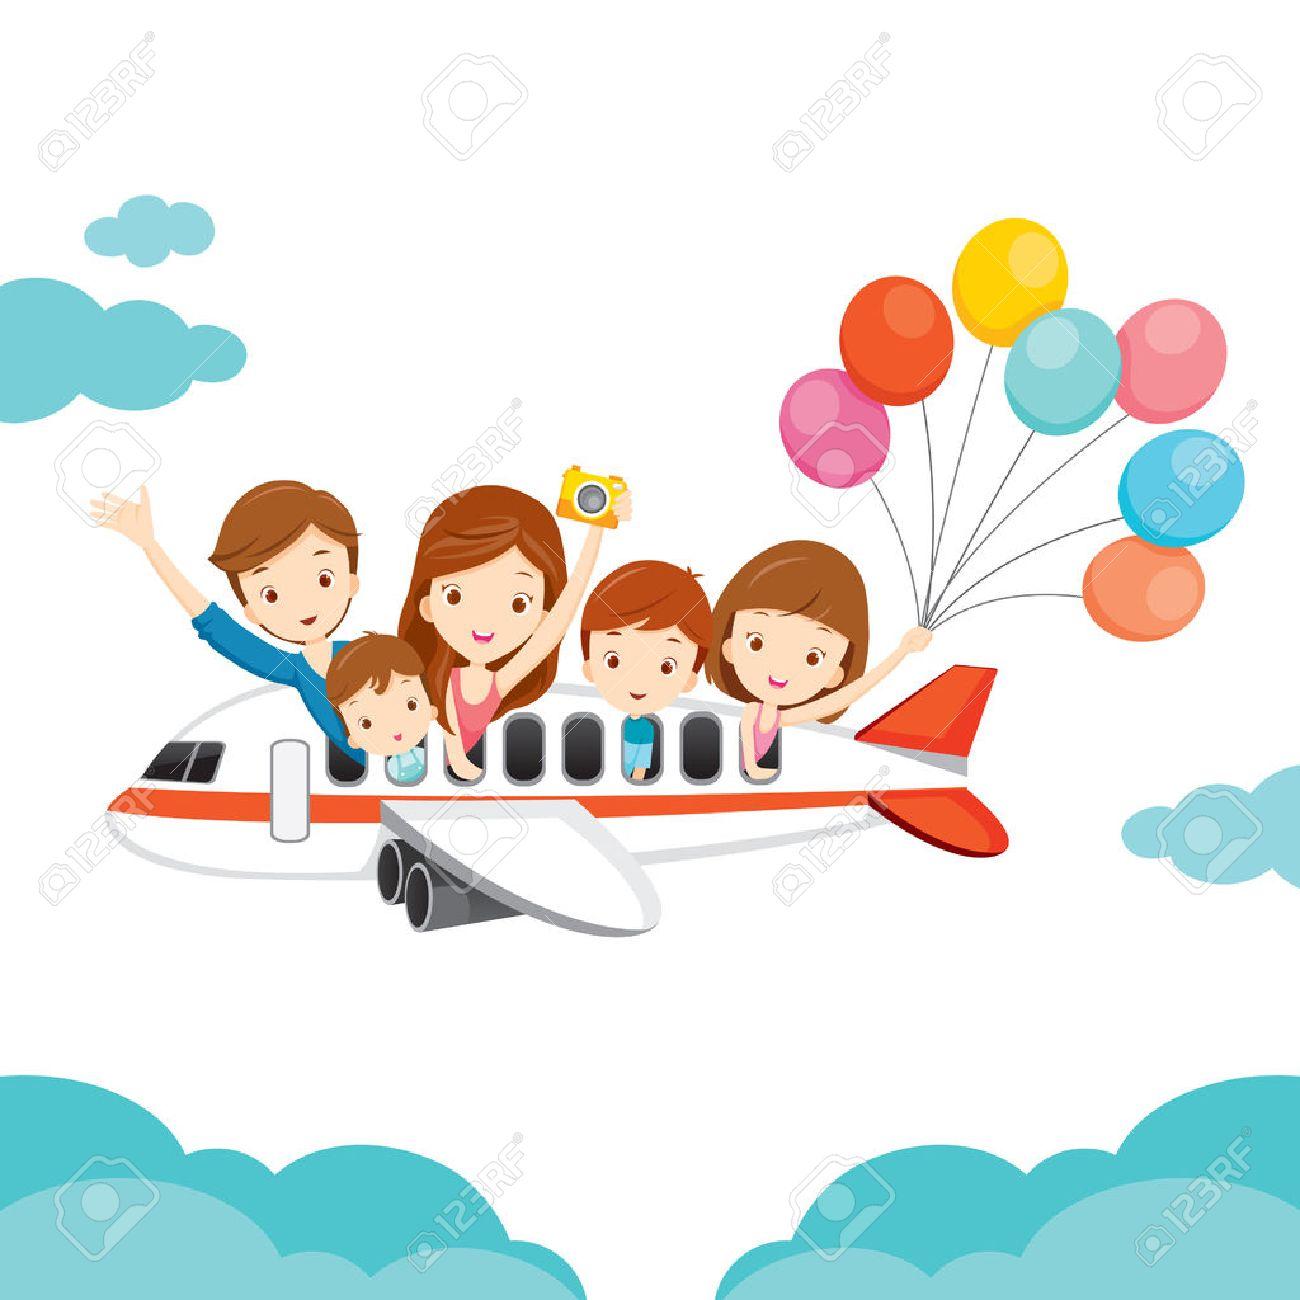 Sommerferien. Passagierflugzeug.Luxusurlaub. Unsere Reiseziele banner.  Isometrische Stock-Vektorgrafik (Lizenzfrei) 402730996